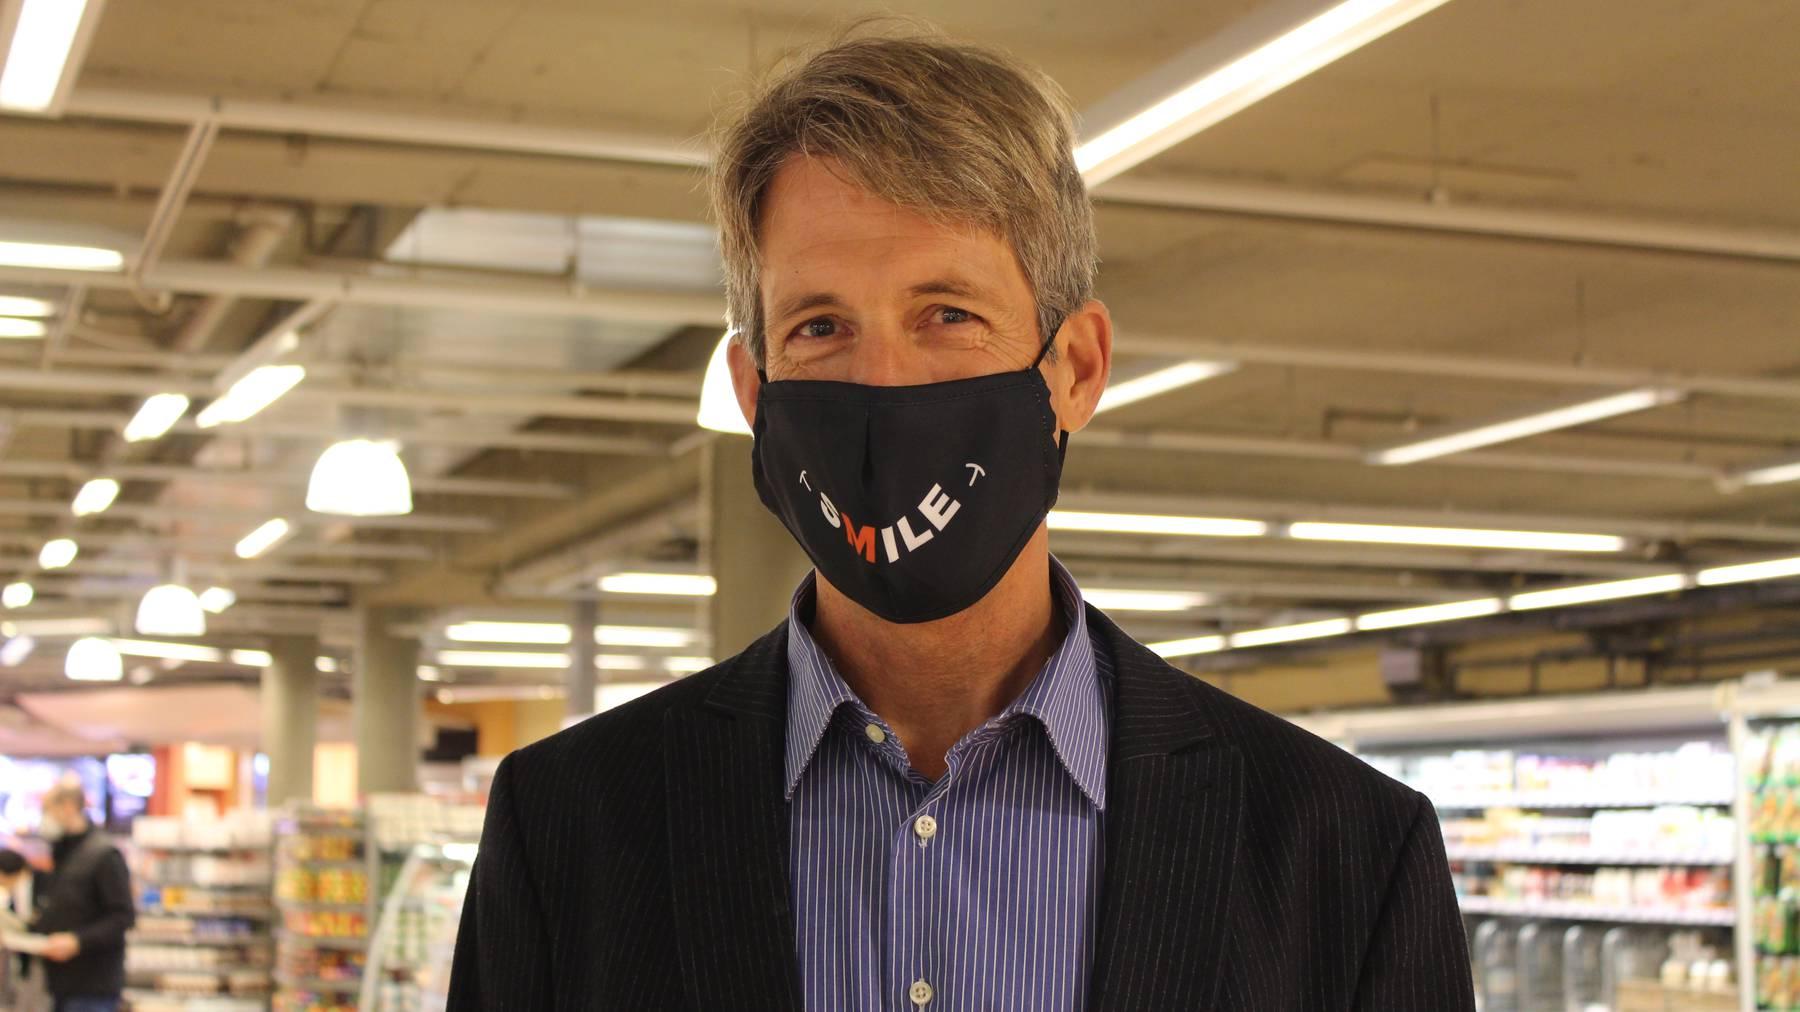 Säntispark Maskenpflicht: Mediensprecher Andreas Bühler